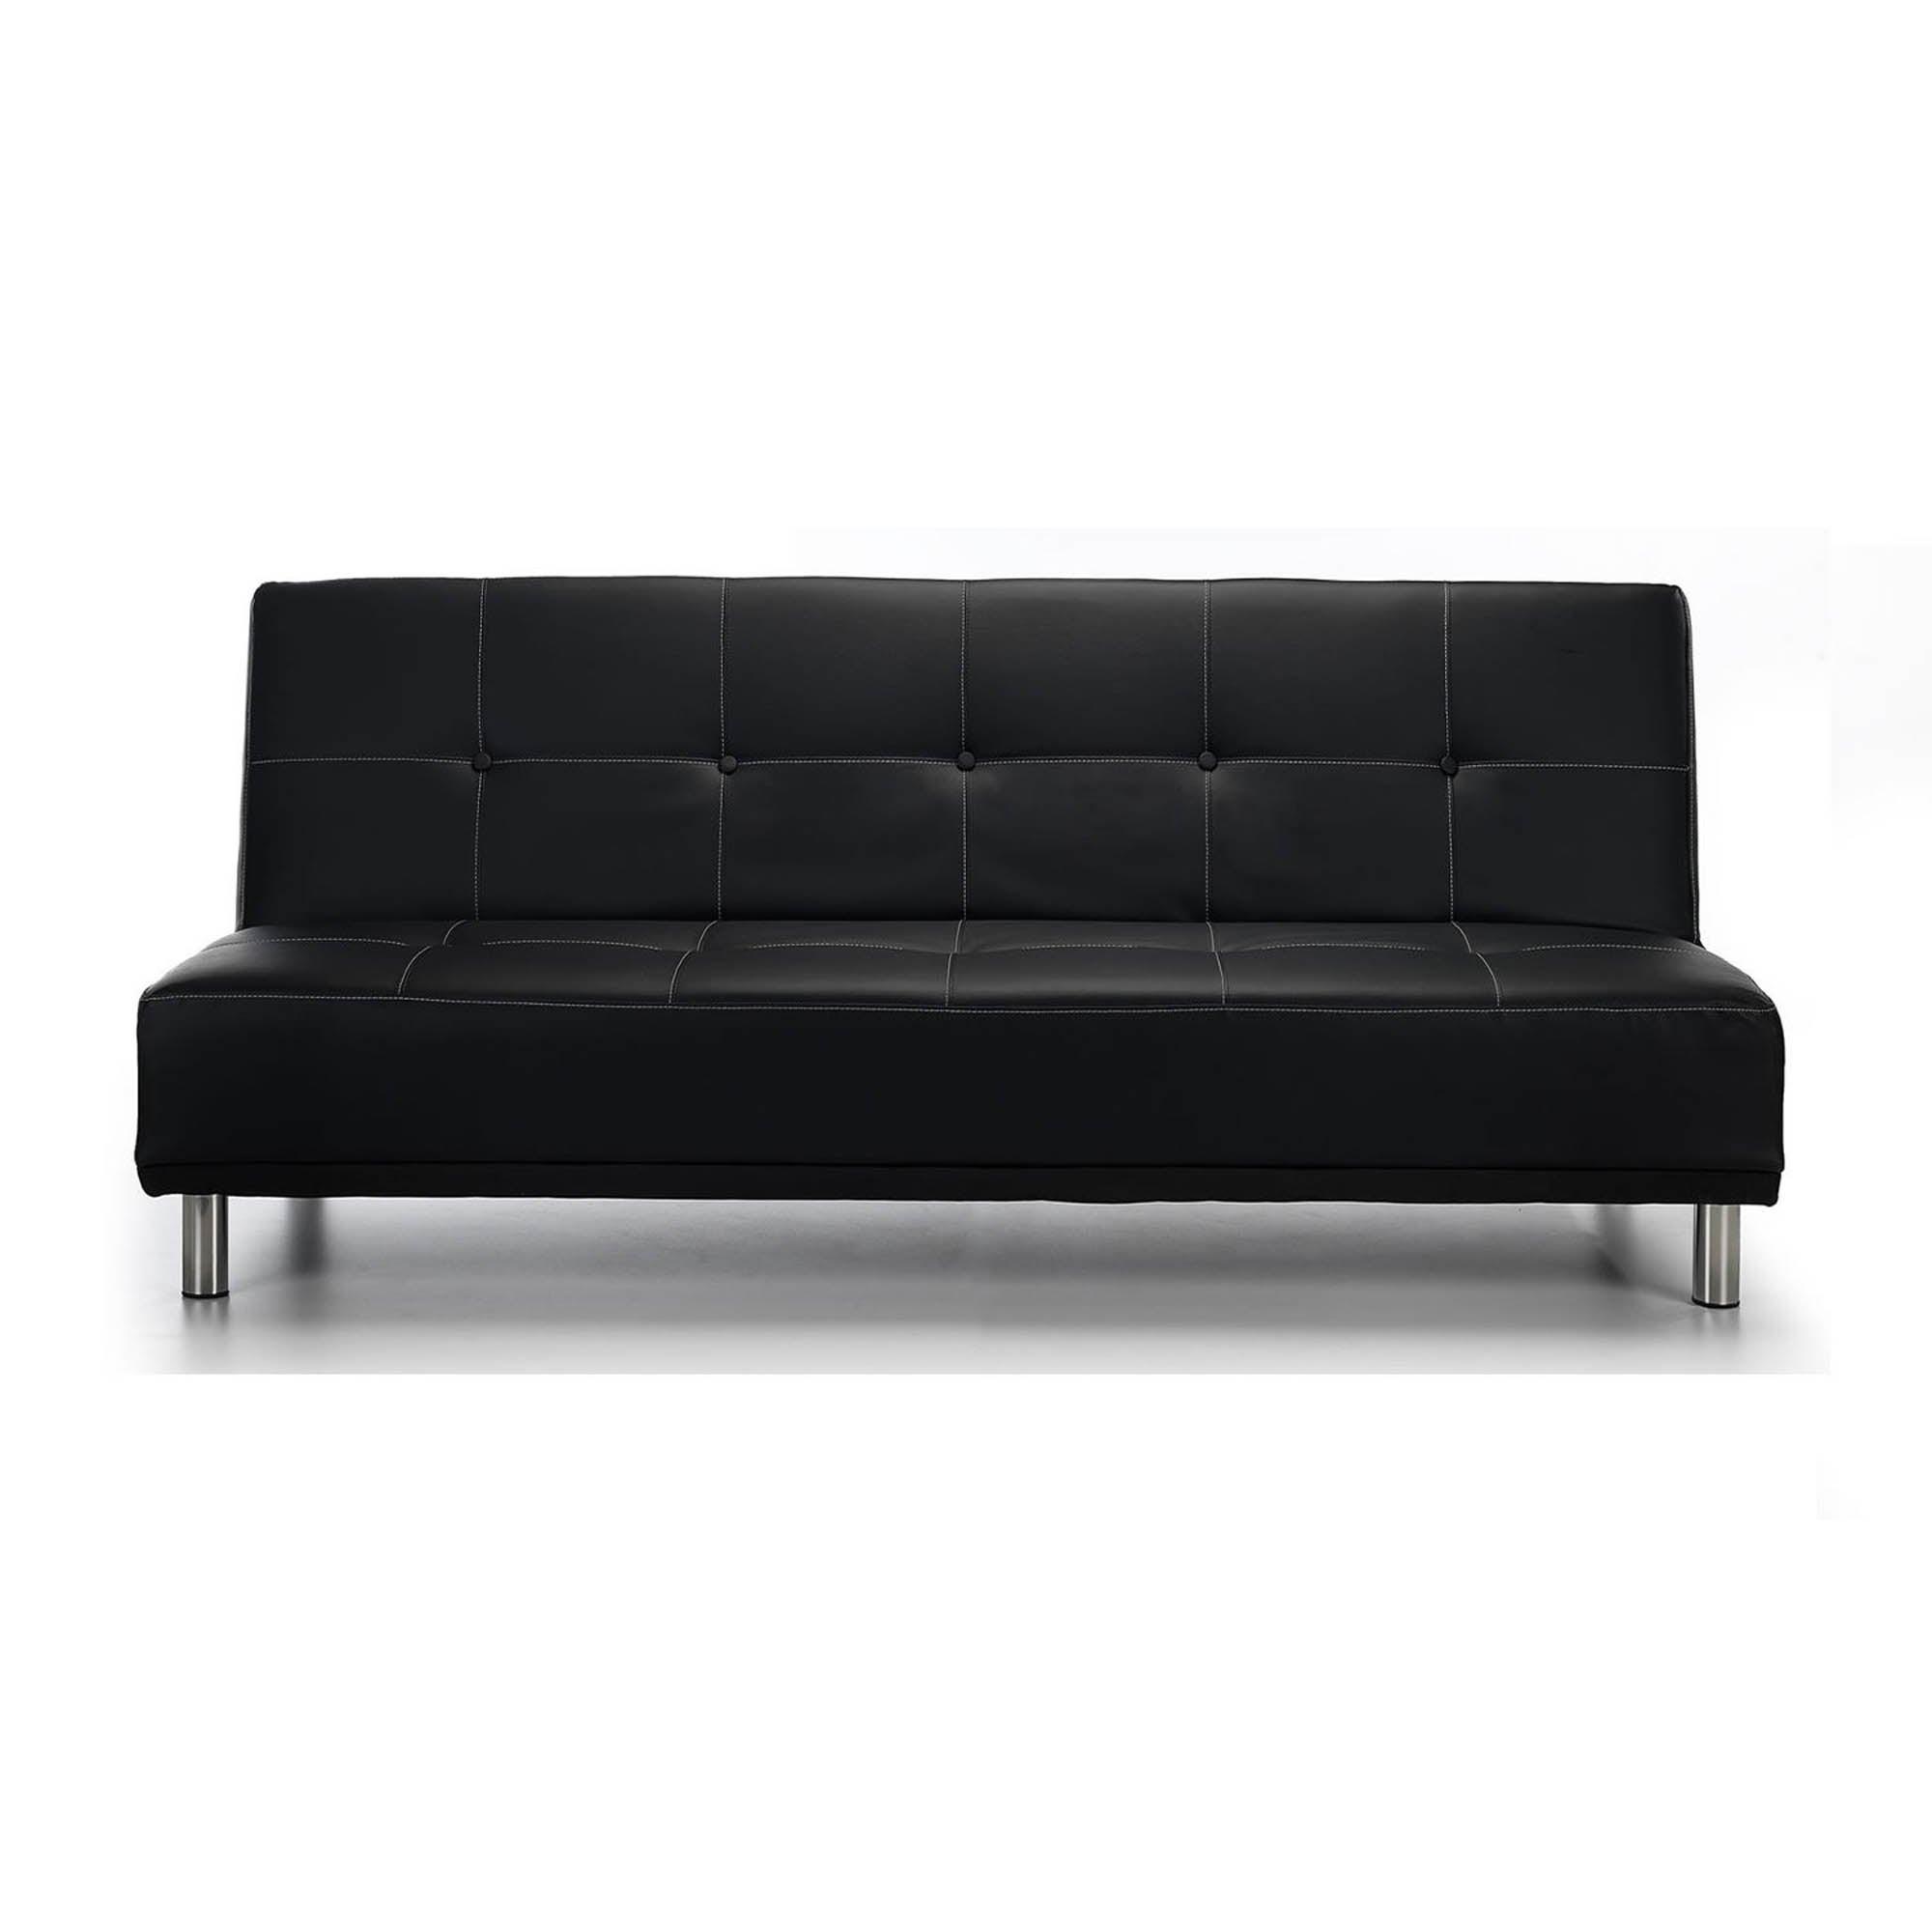 Photo of Duke faux leather sofa bed black